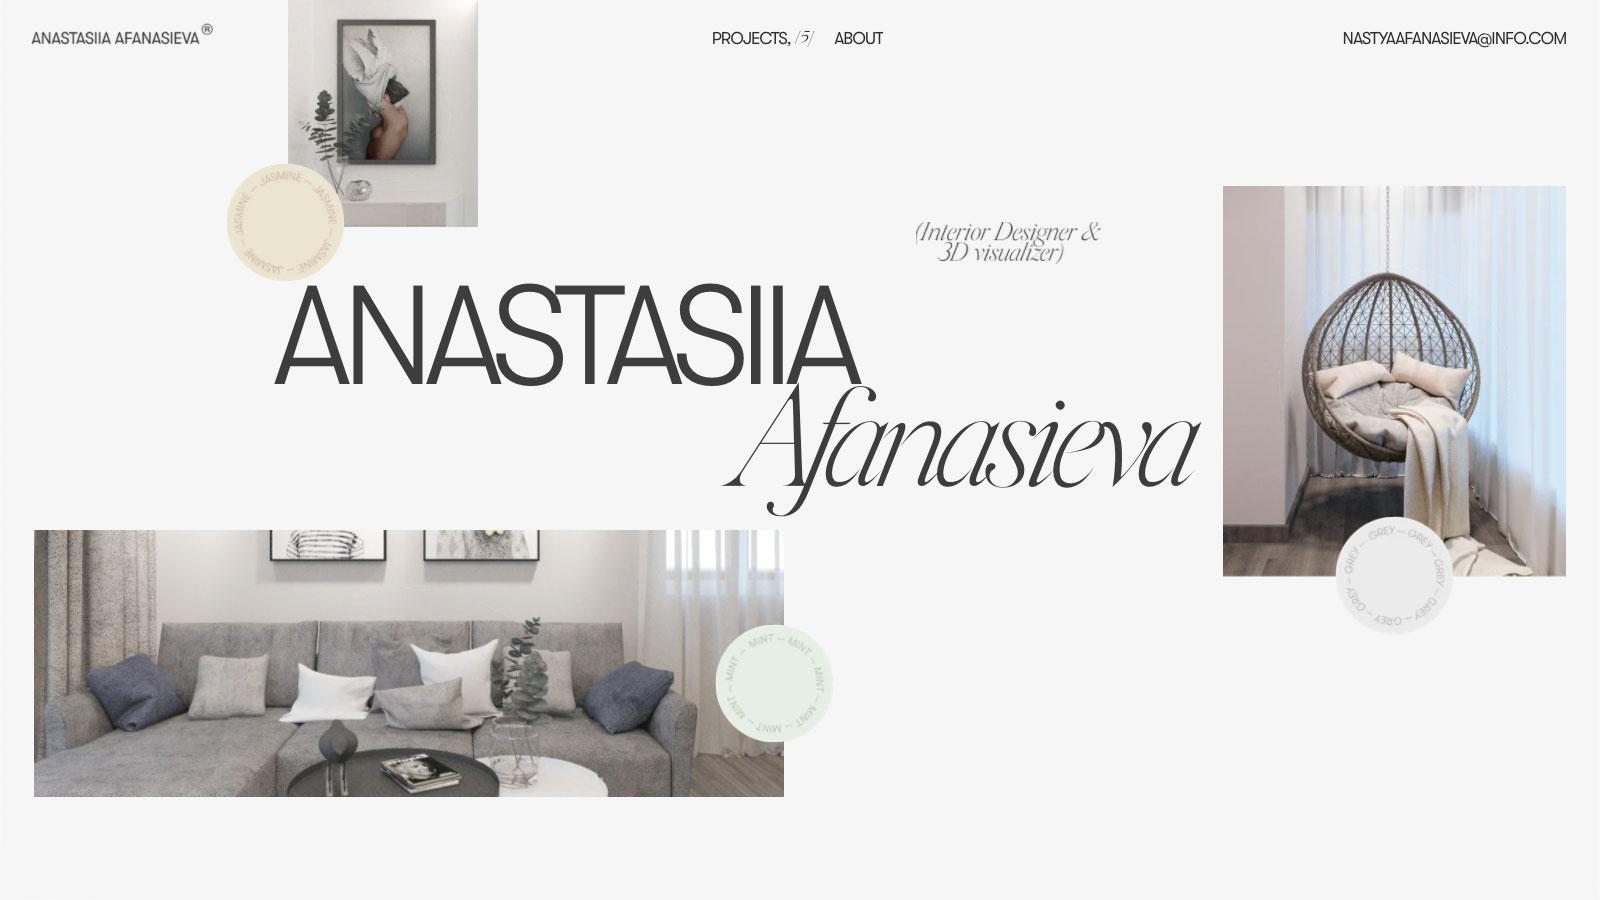 Anastasiia Afanasieva